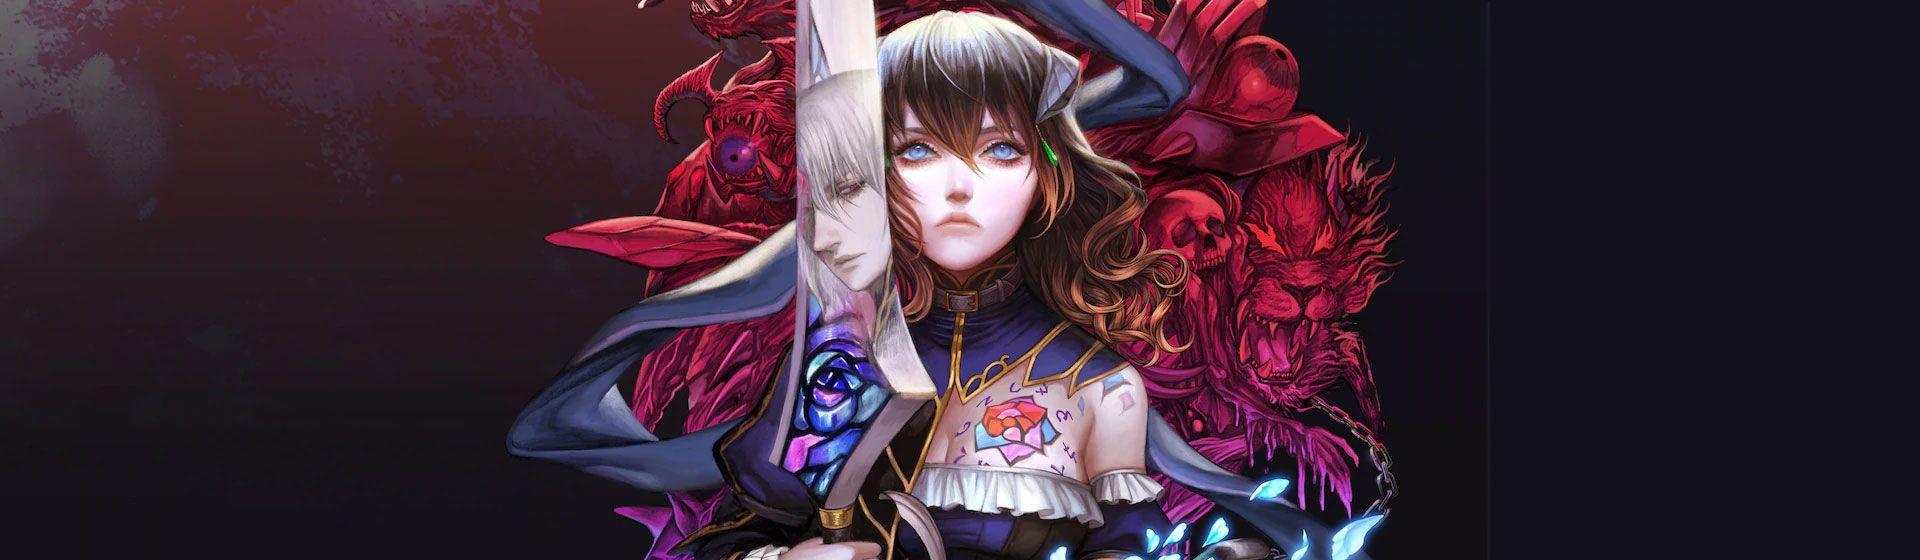 Bloodstained lança modo clássico no estilo antigo de Castlevania